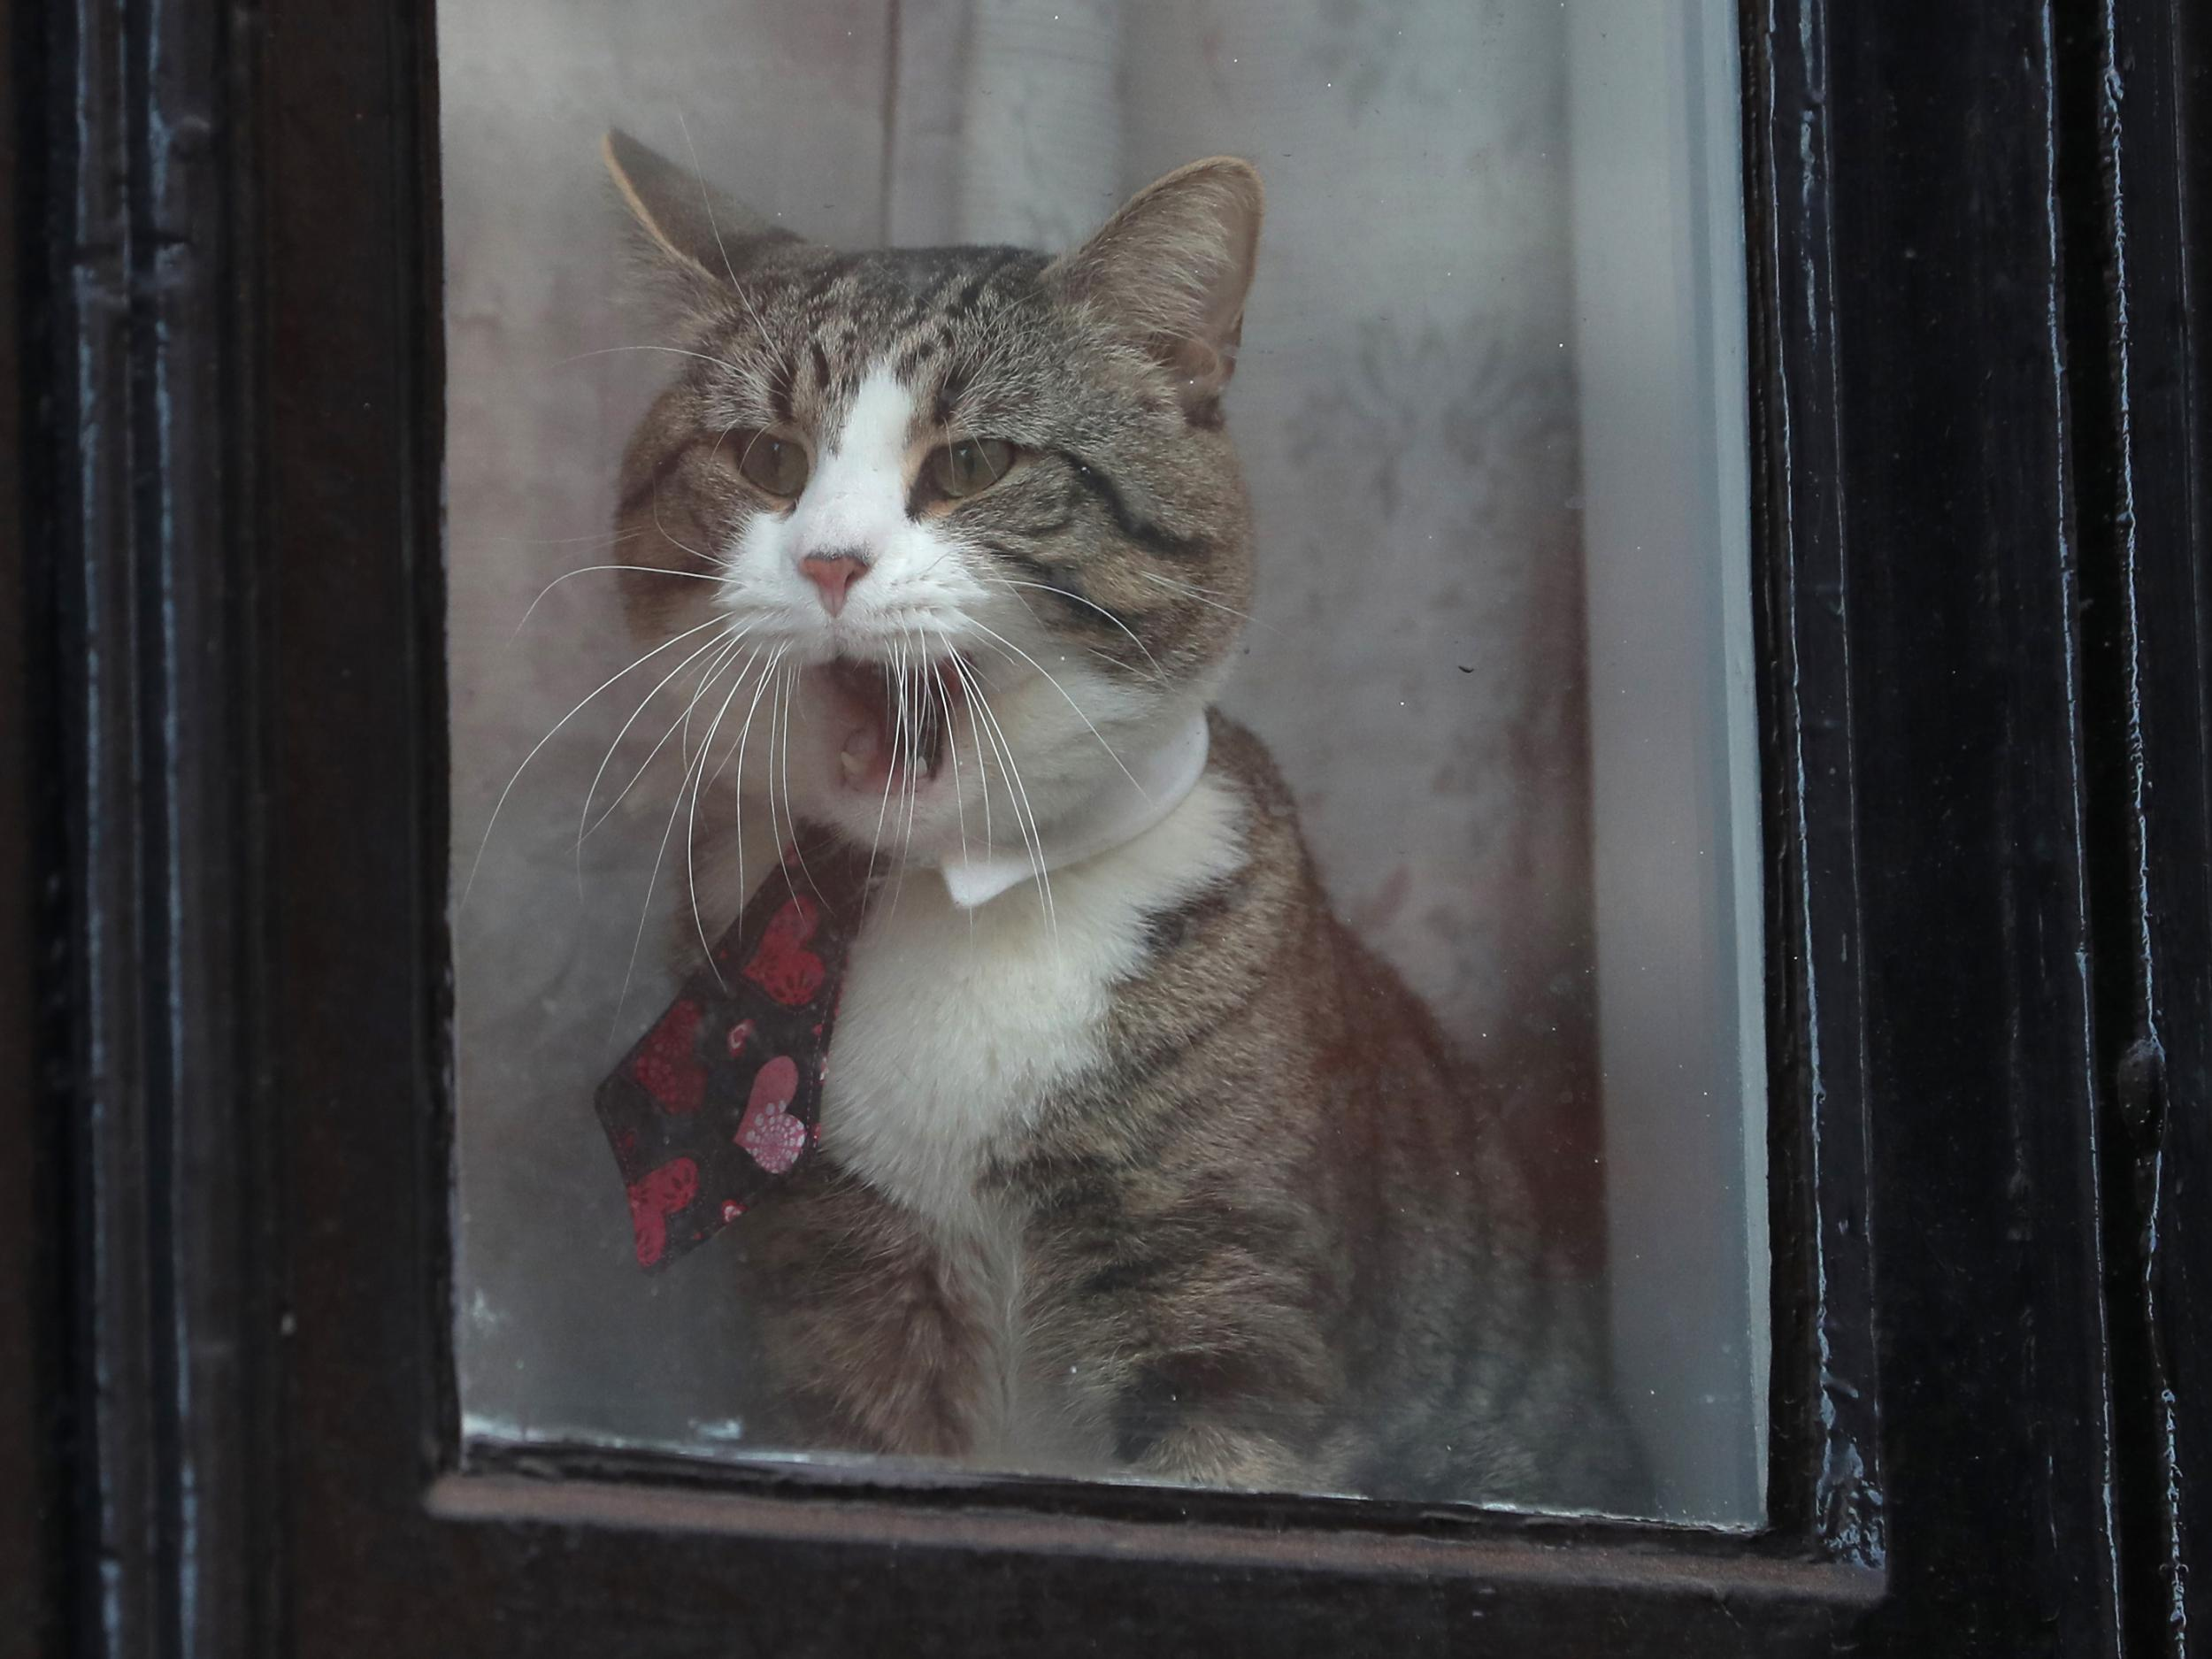 The cat ultimatum